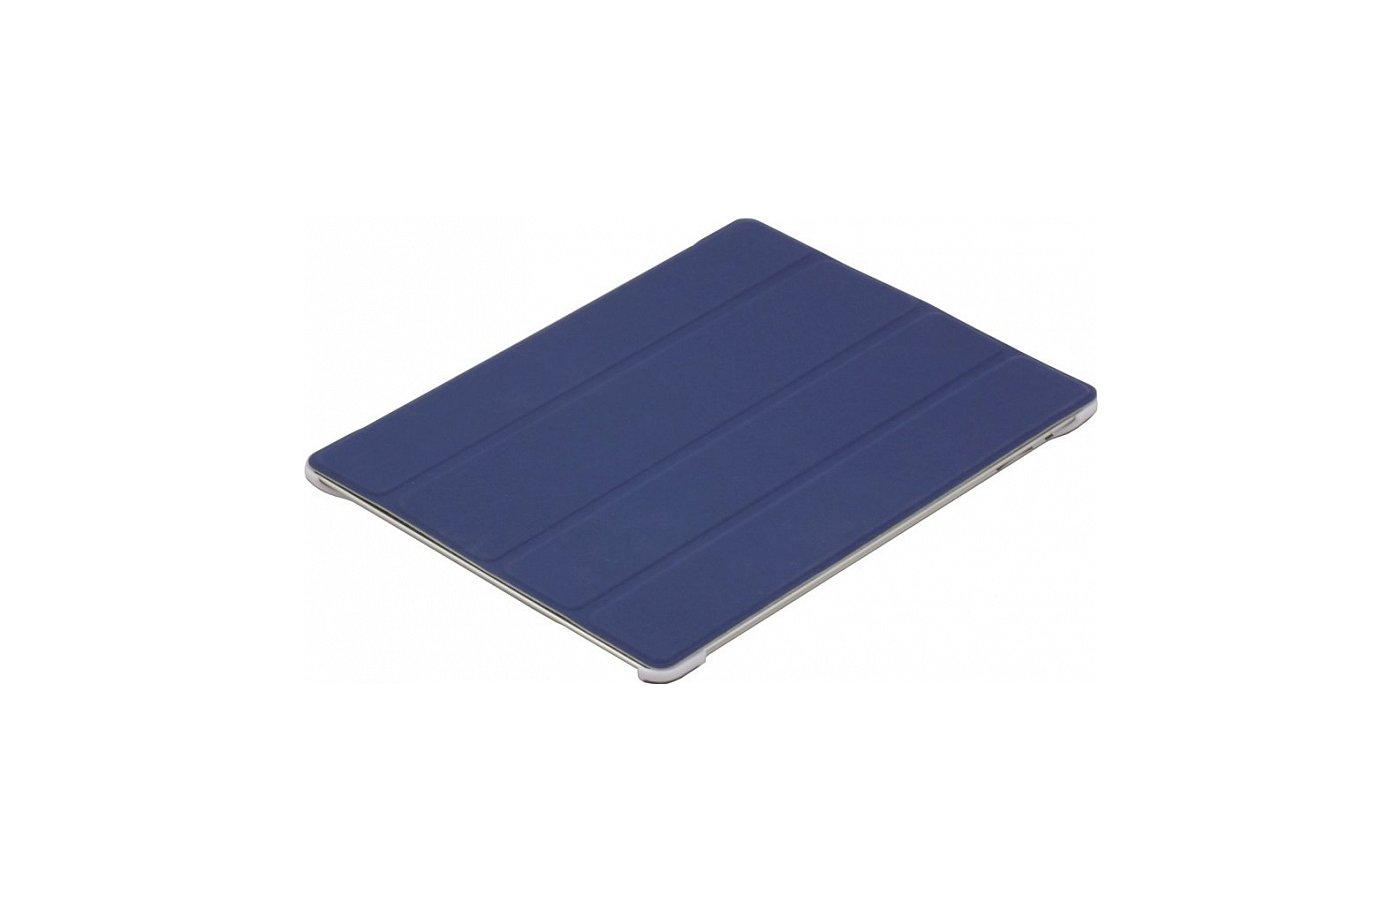 Чехол для планшетного ПК Jet.A (IC10-27) для iPAD из полиуретана розовый